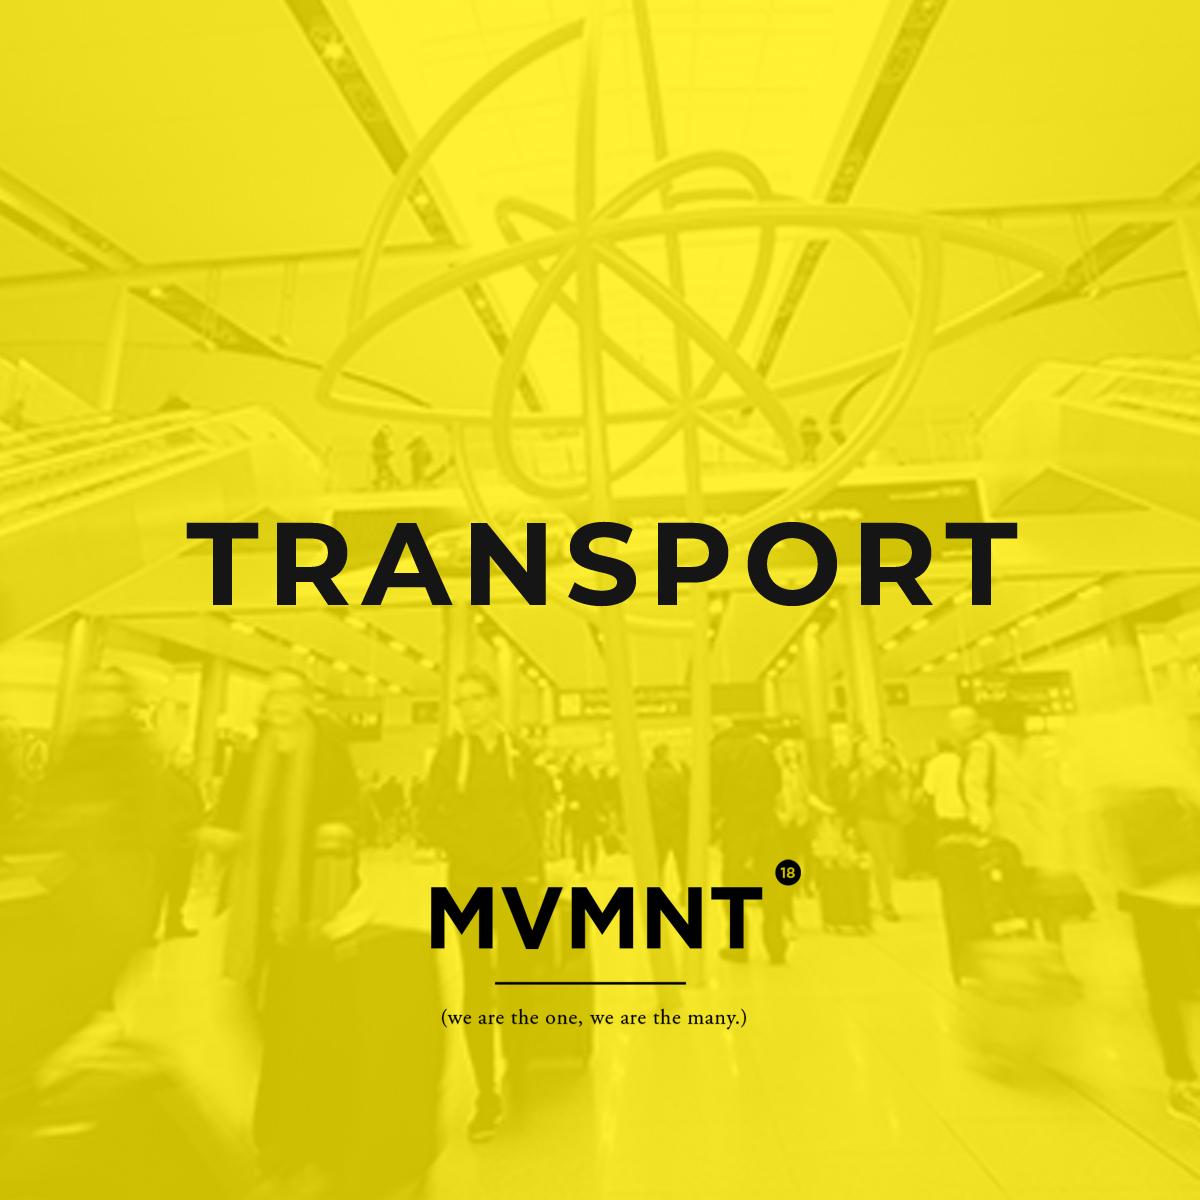 MVMNT_transport SM.jpg